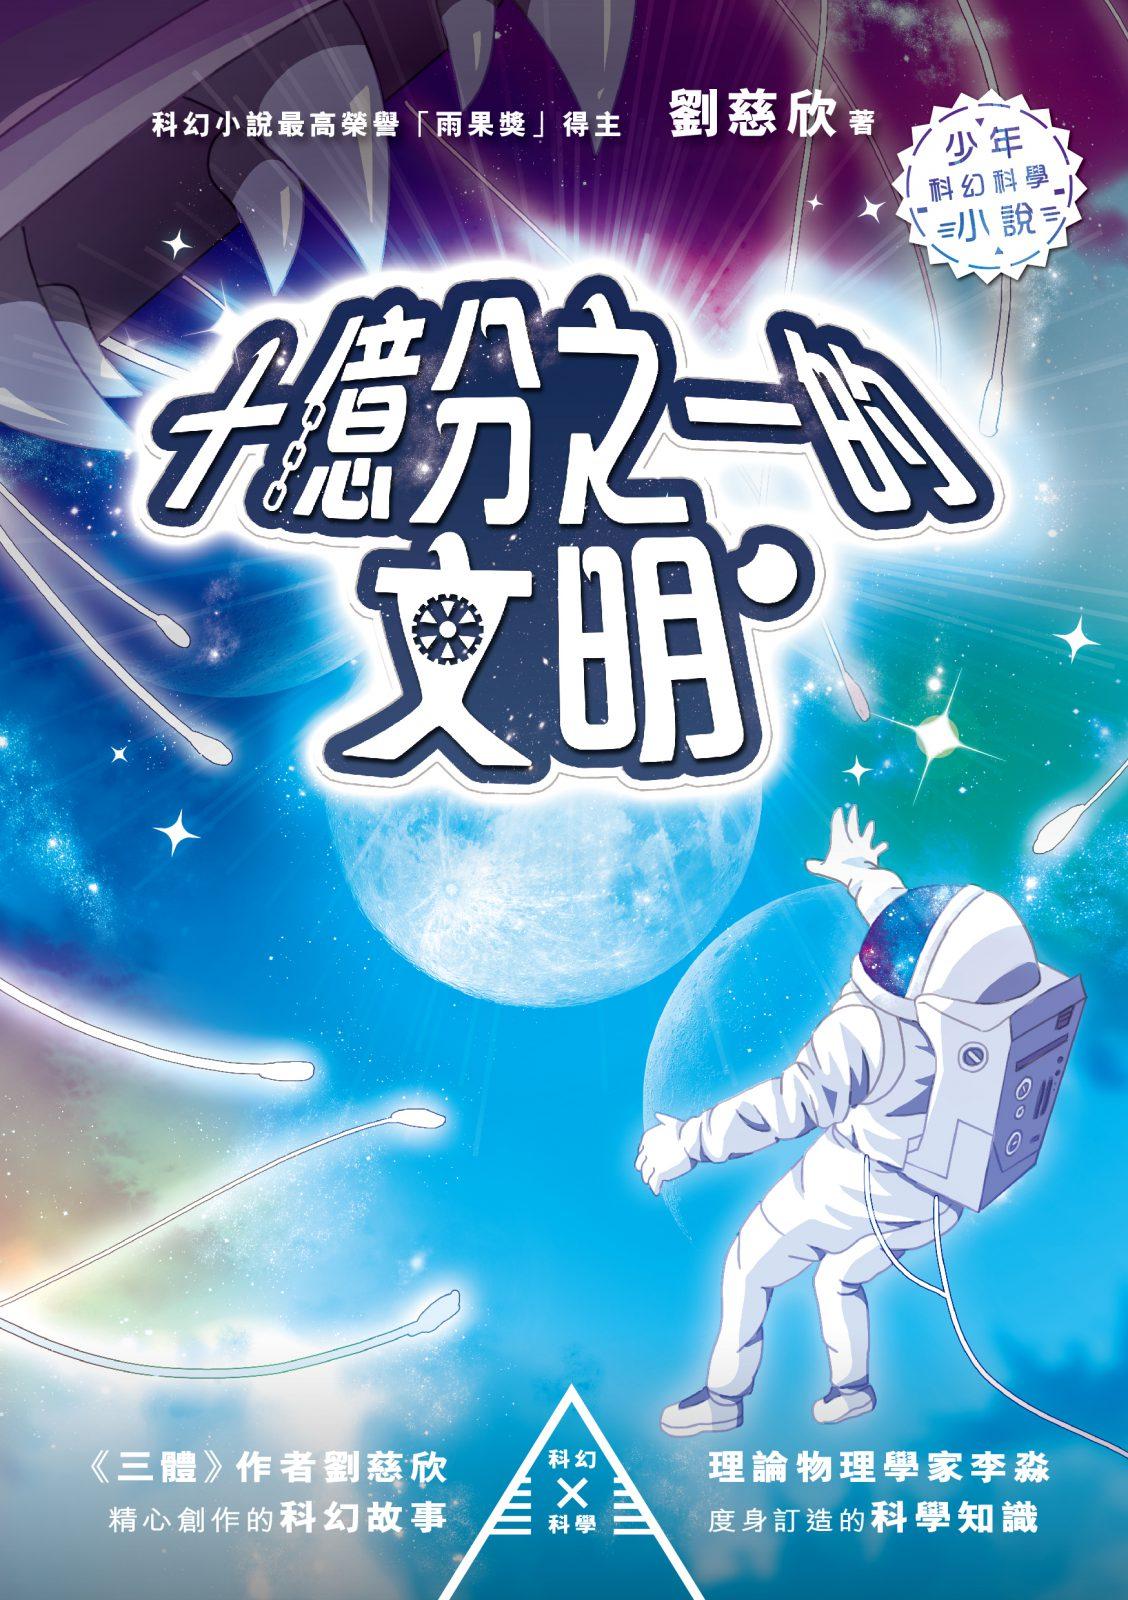 劉慈欣少年科幻科學小說:十億分之一的文明